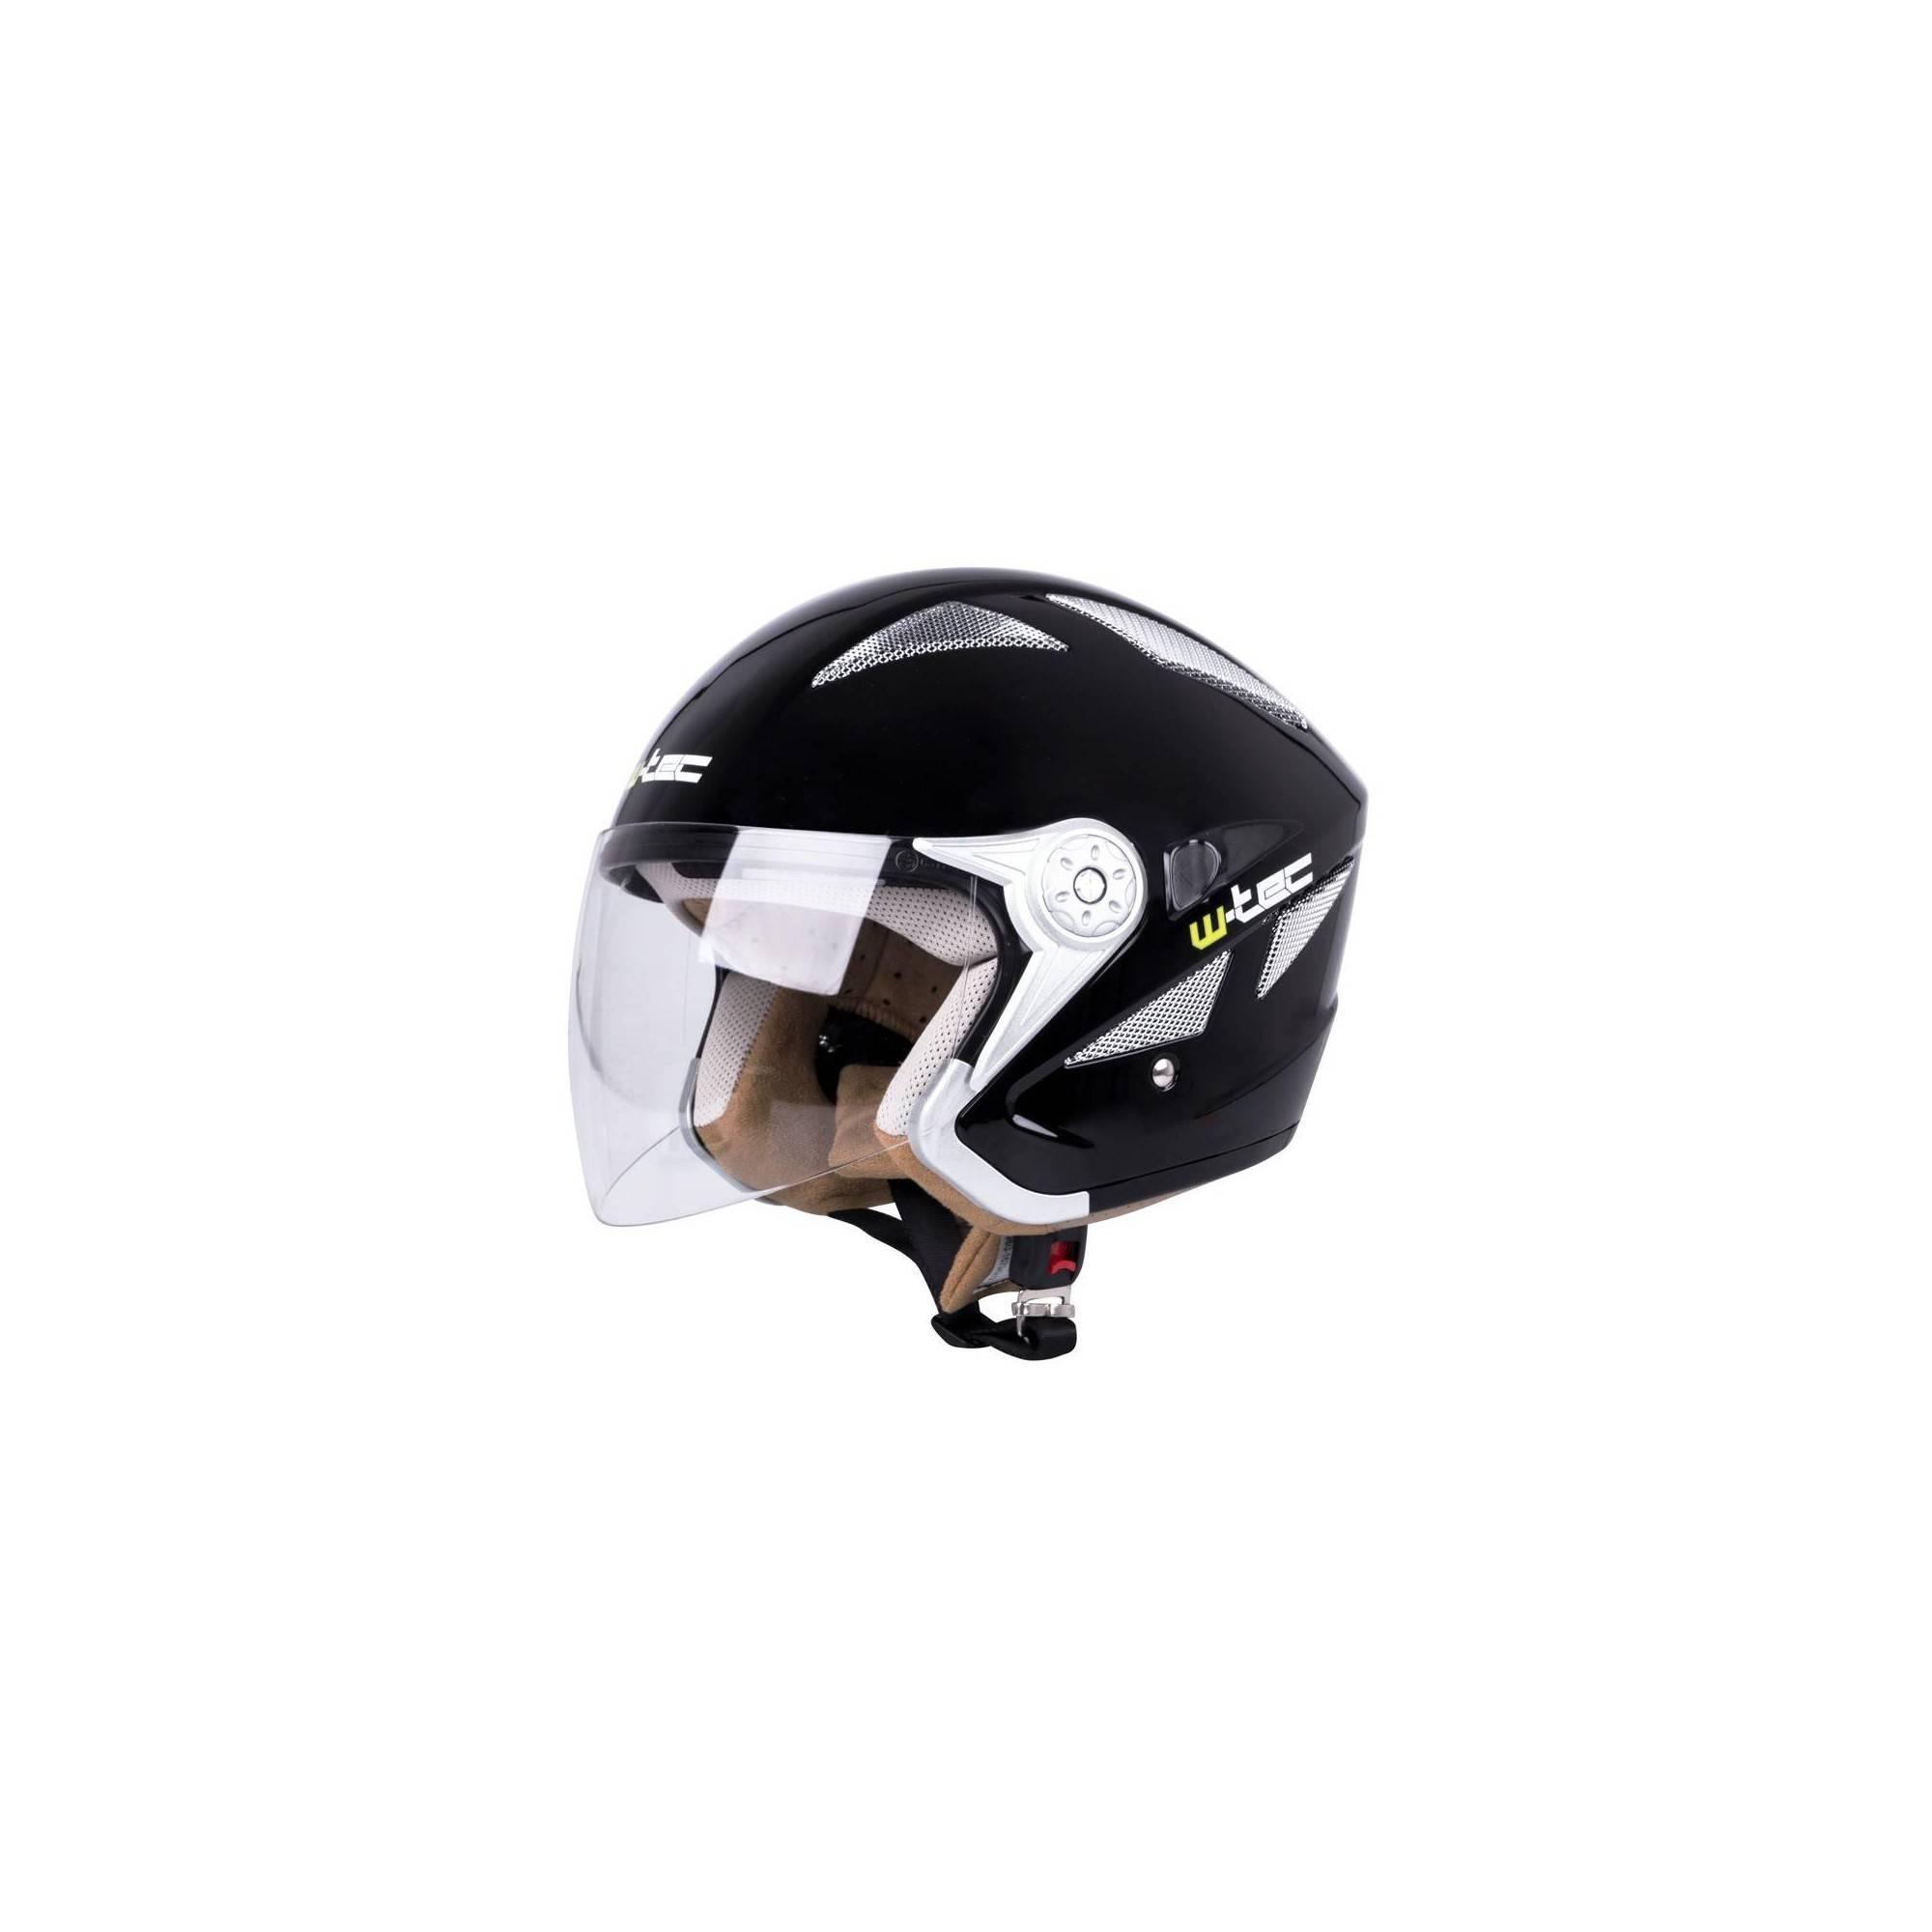 Kask motocyklowy W-TEC V529,producent: W-TEC, zdjecie photo: 1 | online shop klubfitness.pl | sprzęt sportowy sport equipment